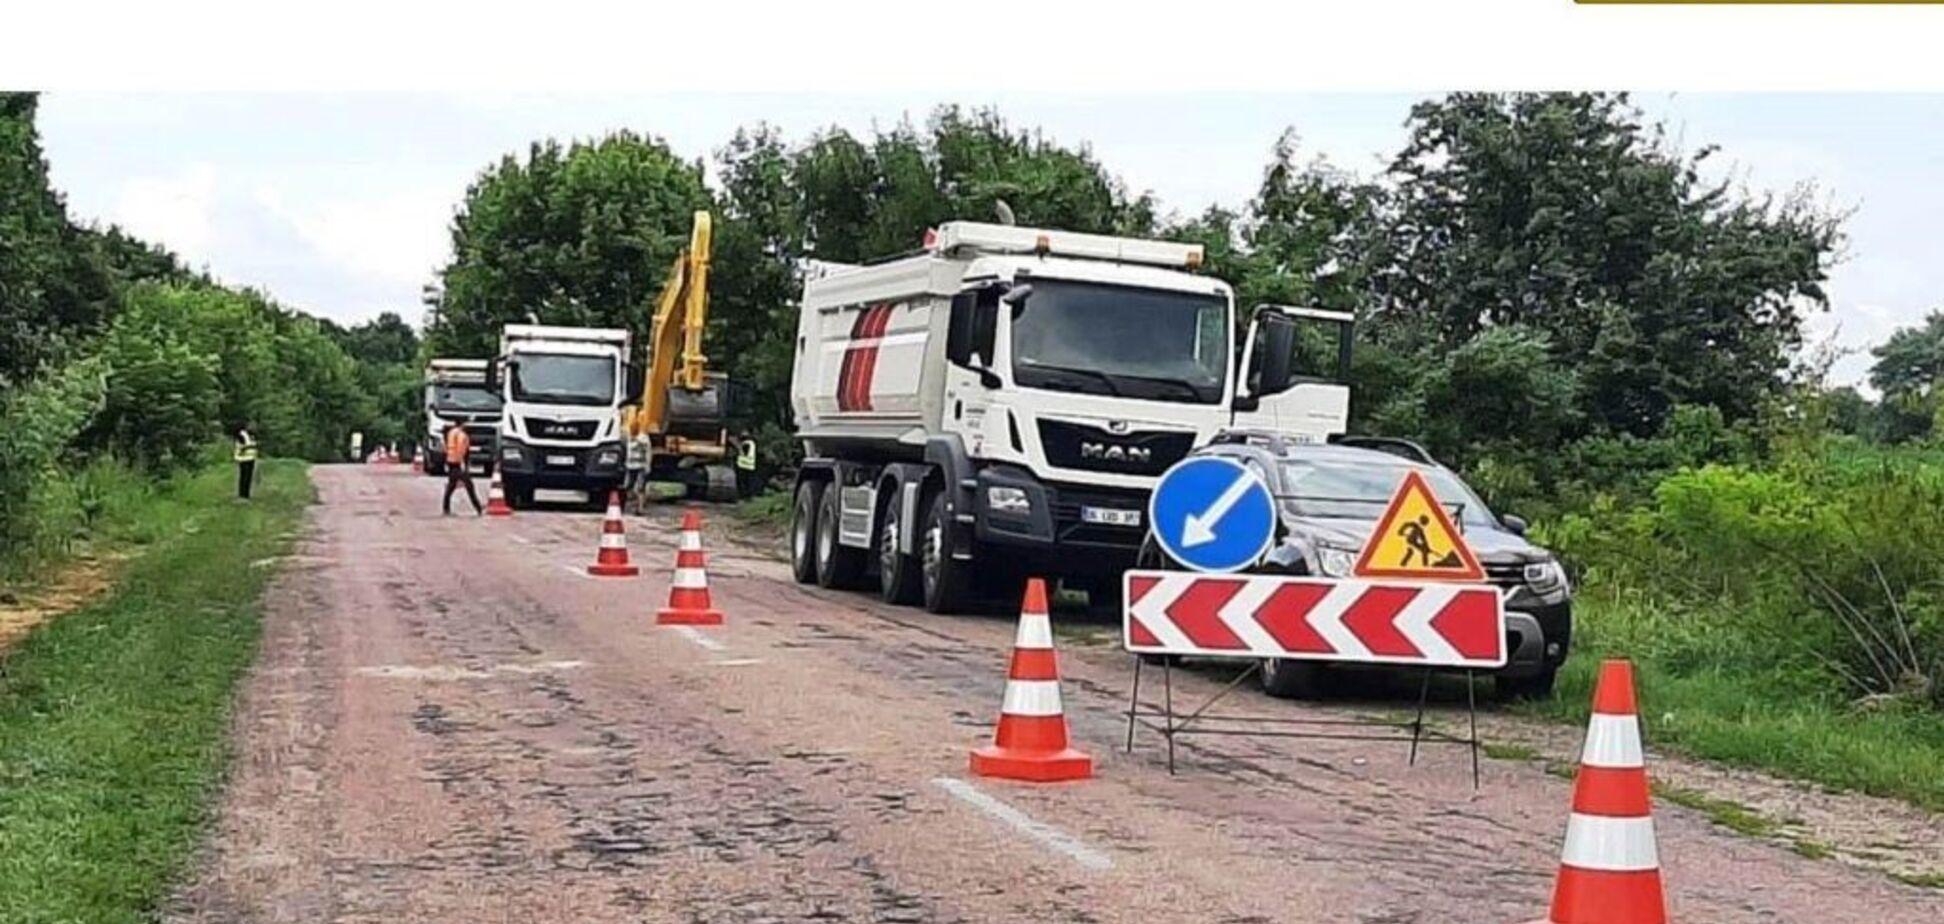 На Житомирщине стартовал ремонт трассы государственного значения Т-06-11